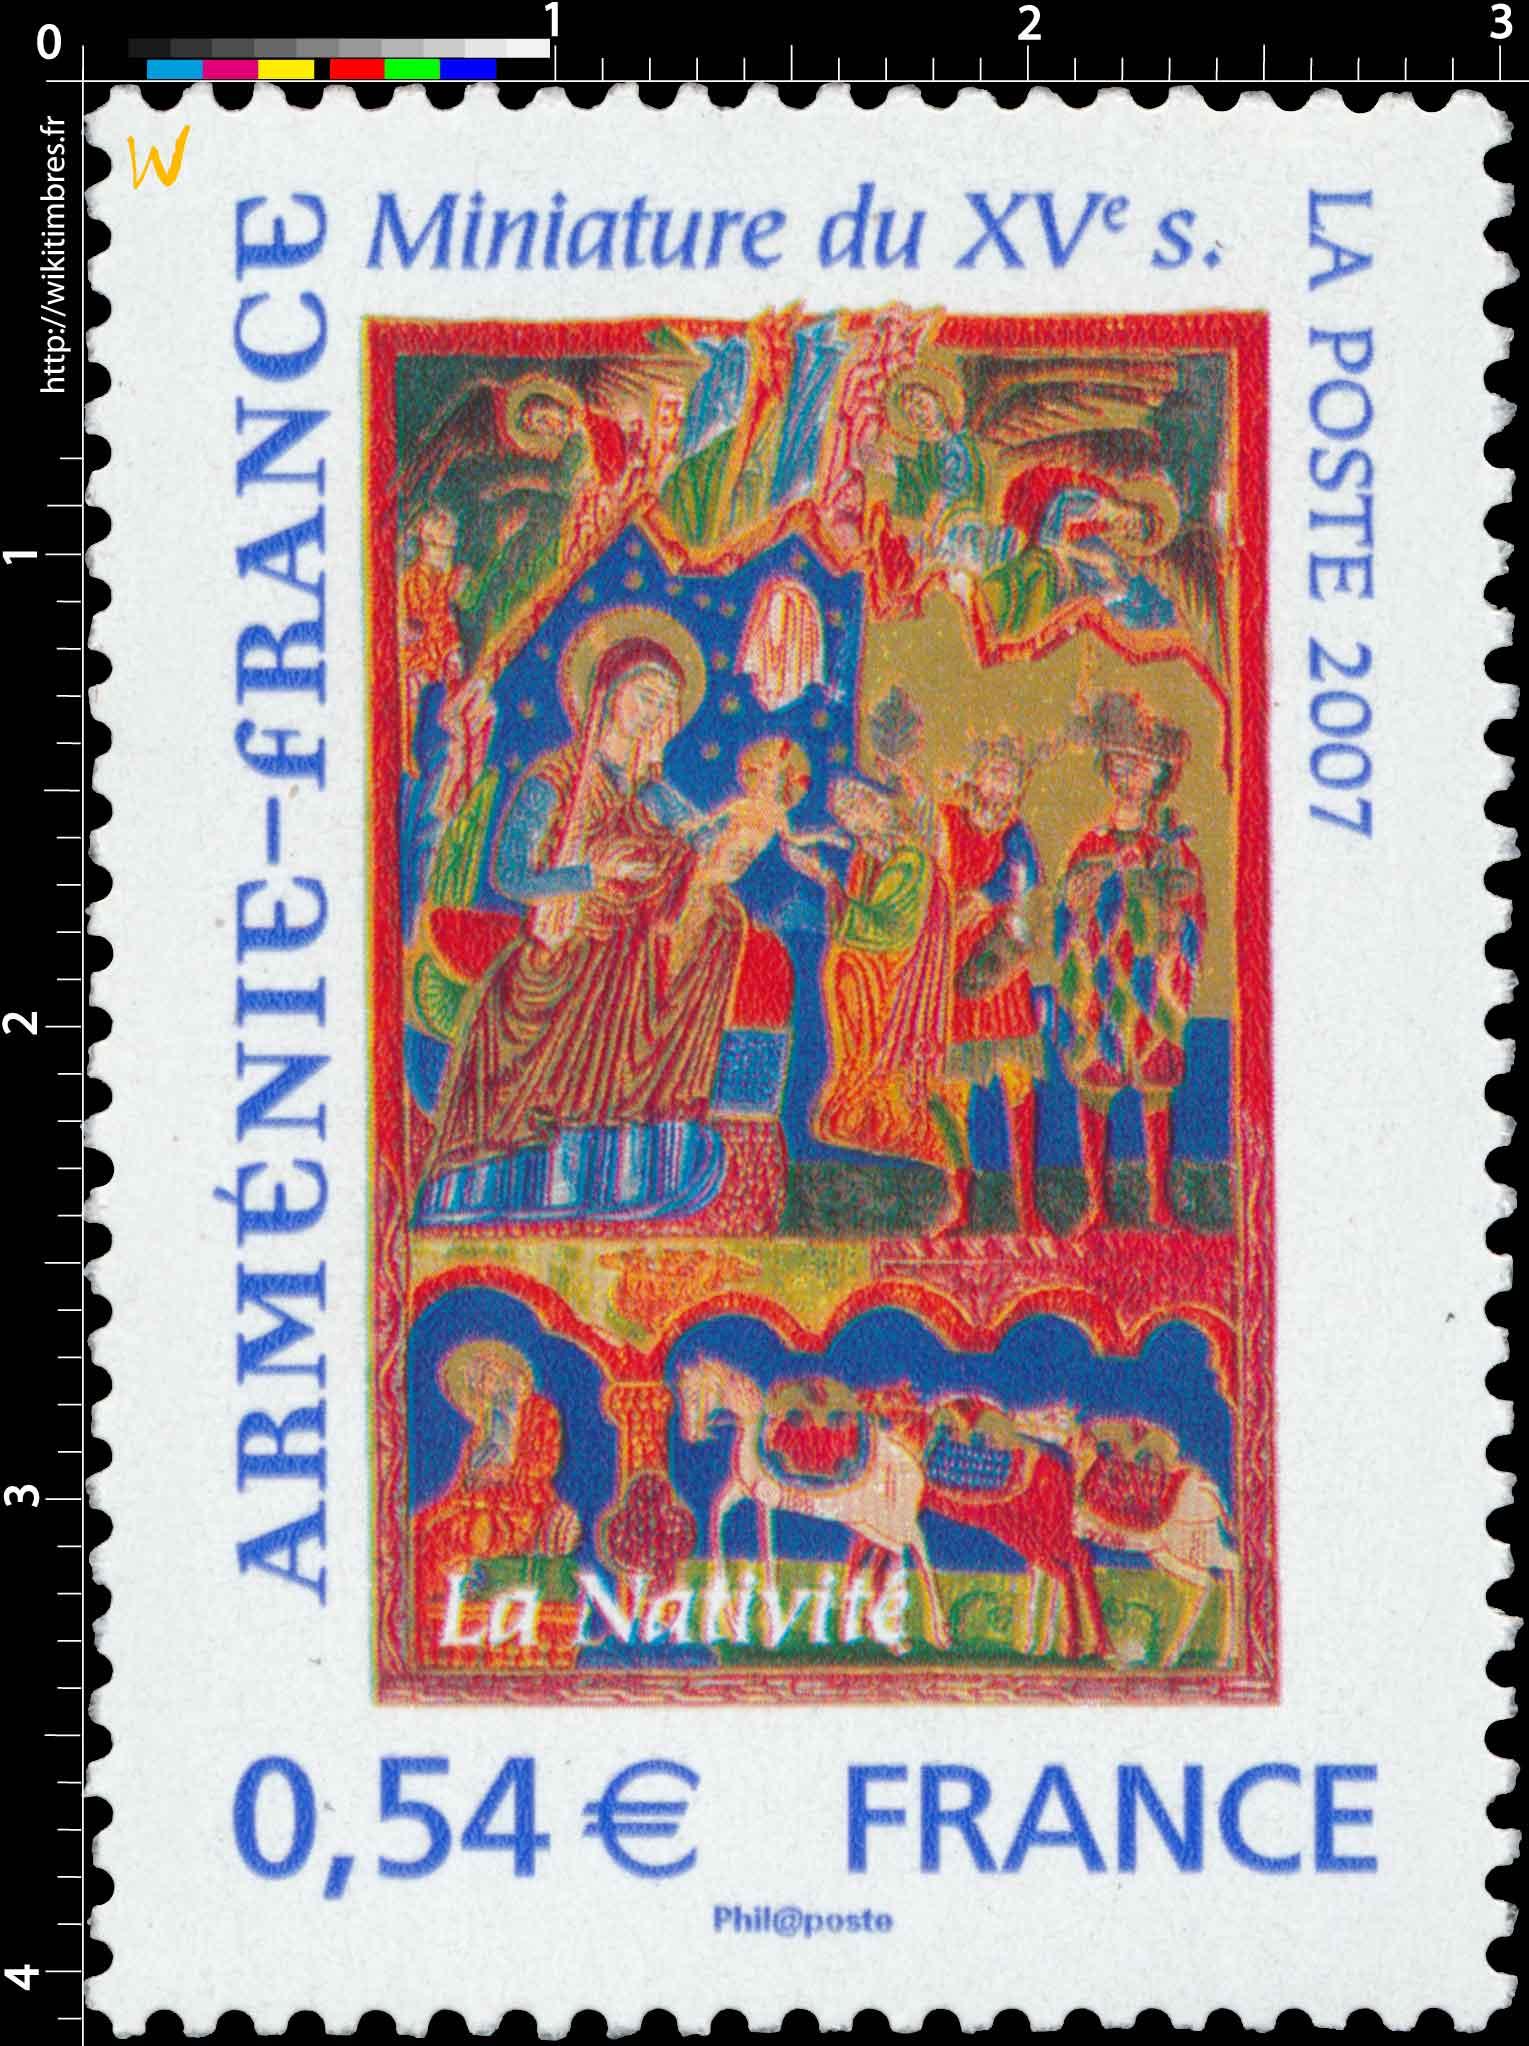 2007 ARMÉNIE-FRANCE Miniature du XVe s. La Nativité